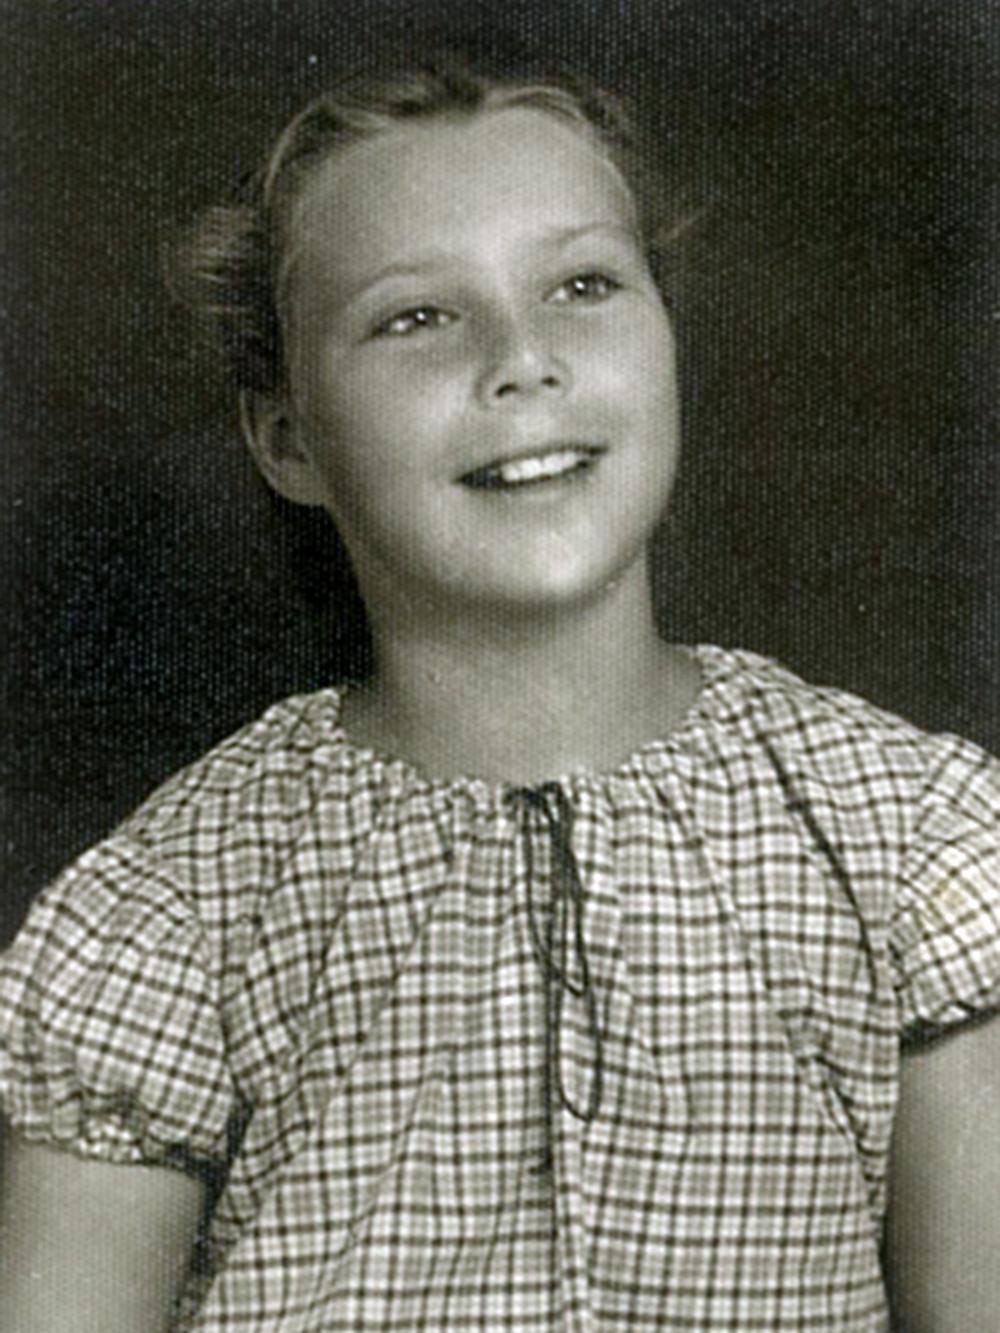 נעמי מנהיימר (לימים צעירי) בחולצה משובצת. קיבוץ גליל ים, 1954